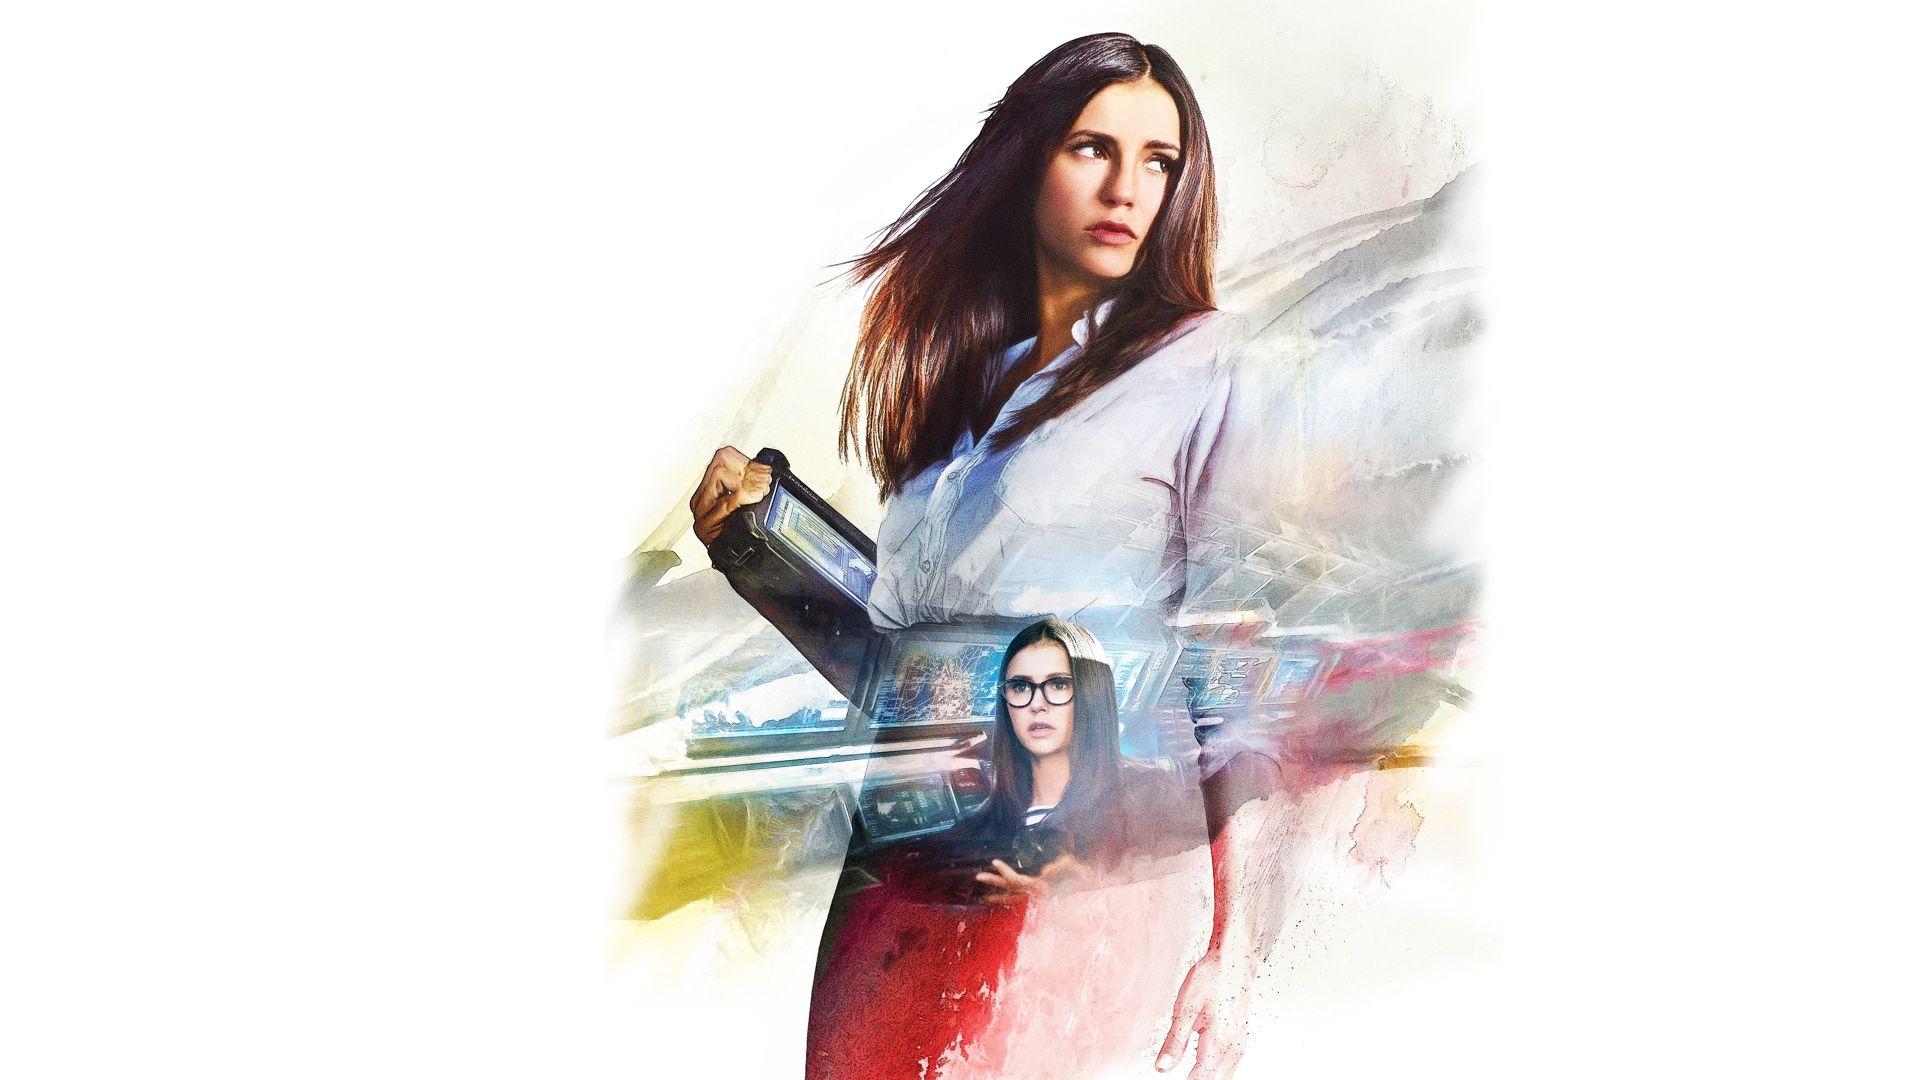 Wallpaper Nina dobrev as becky in xxx return of xander cage movie